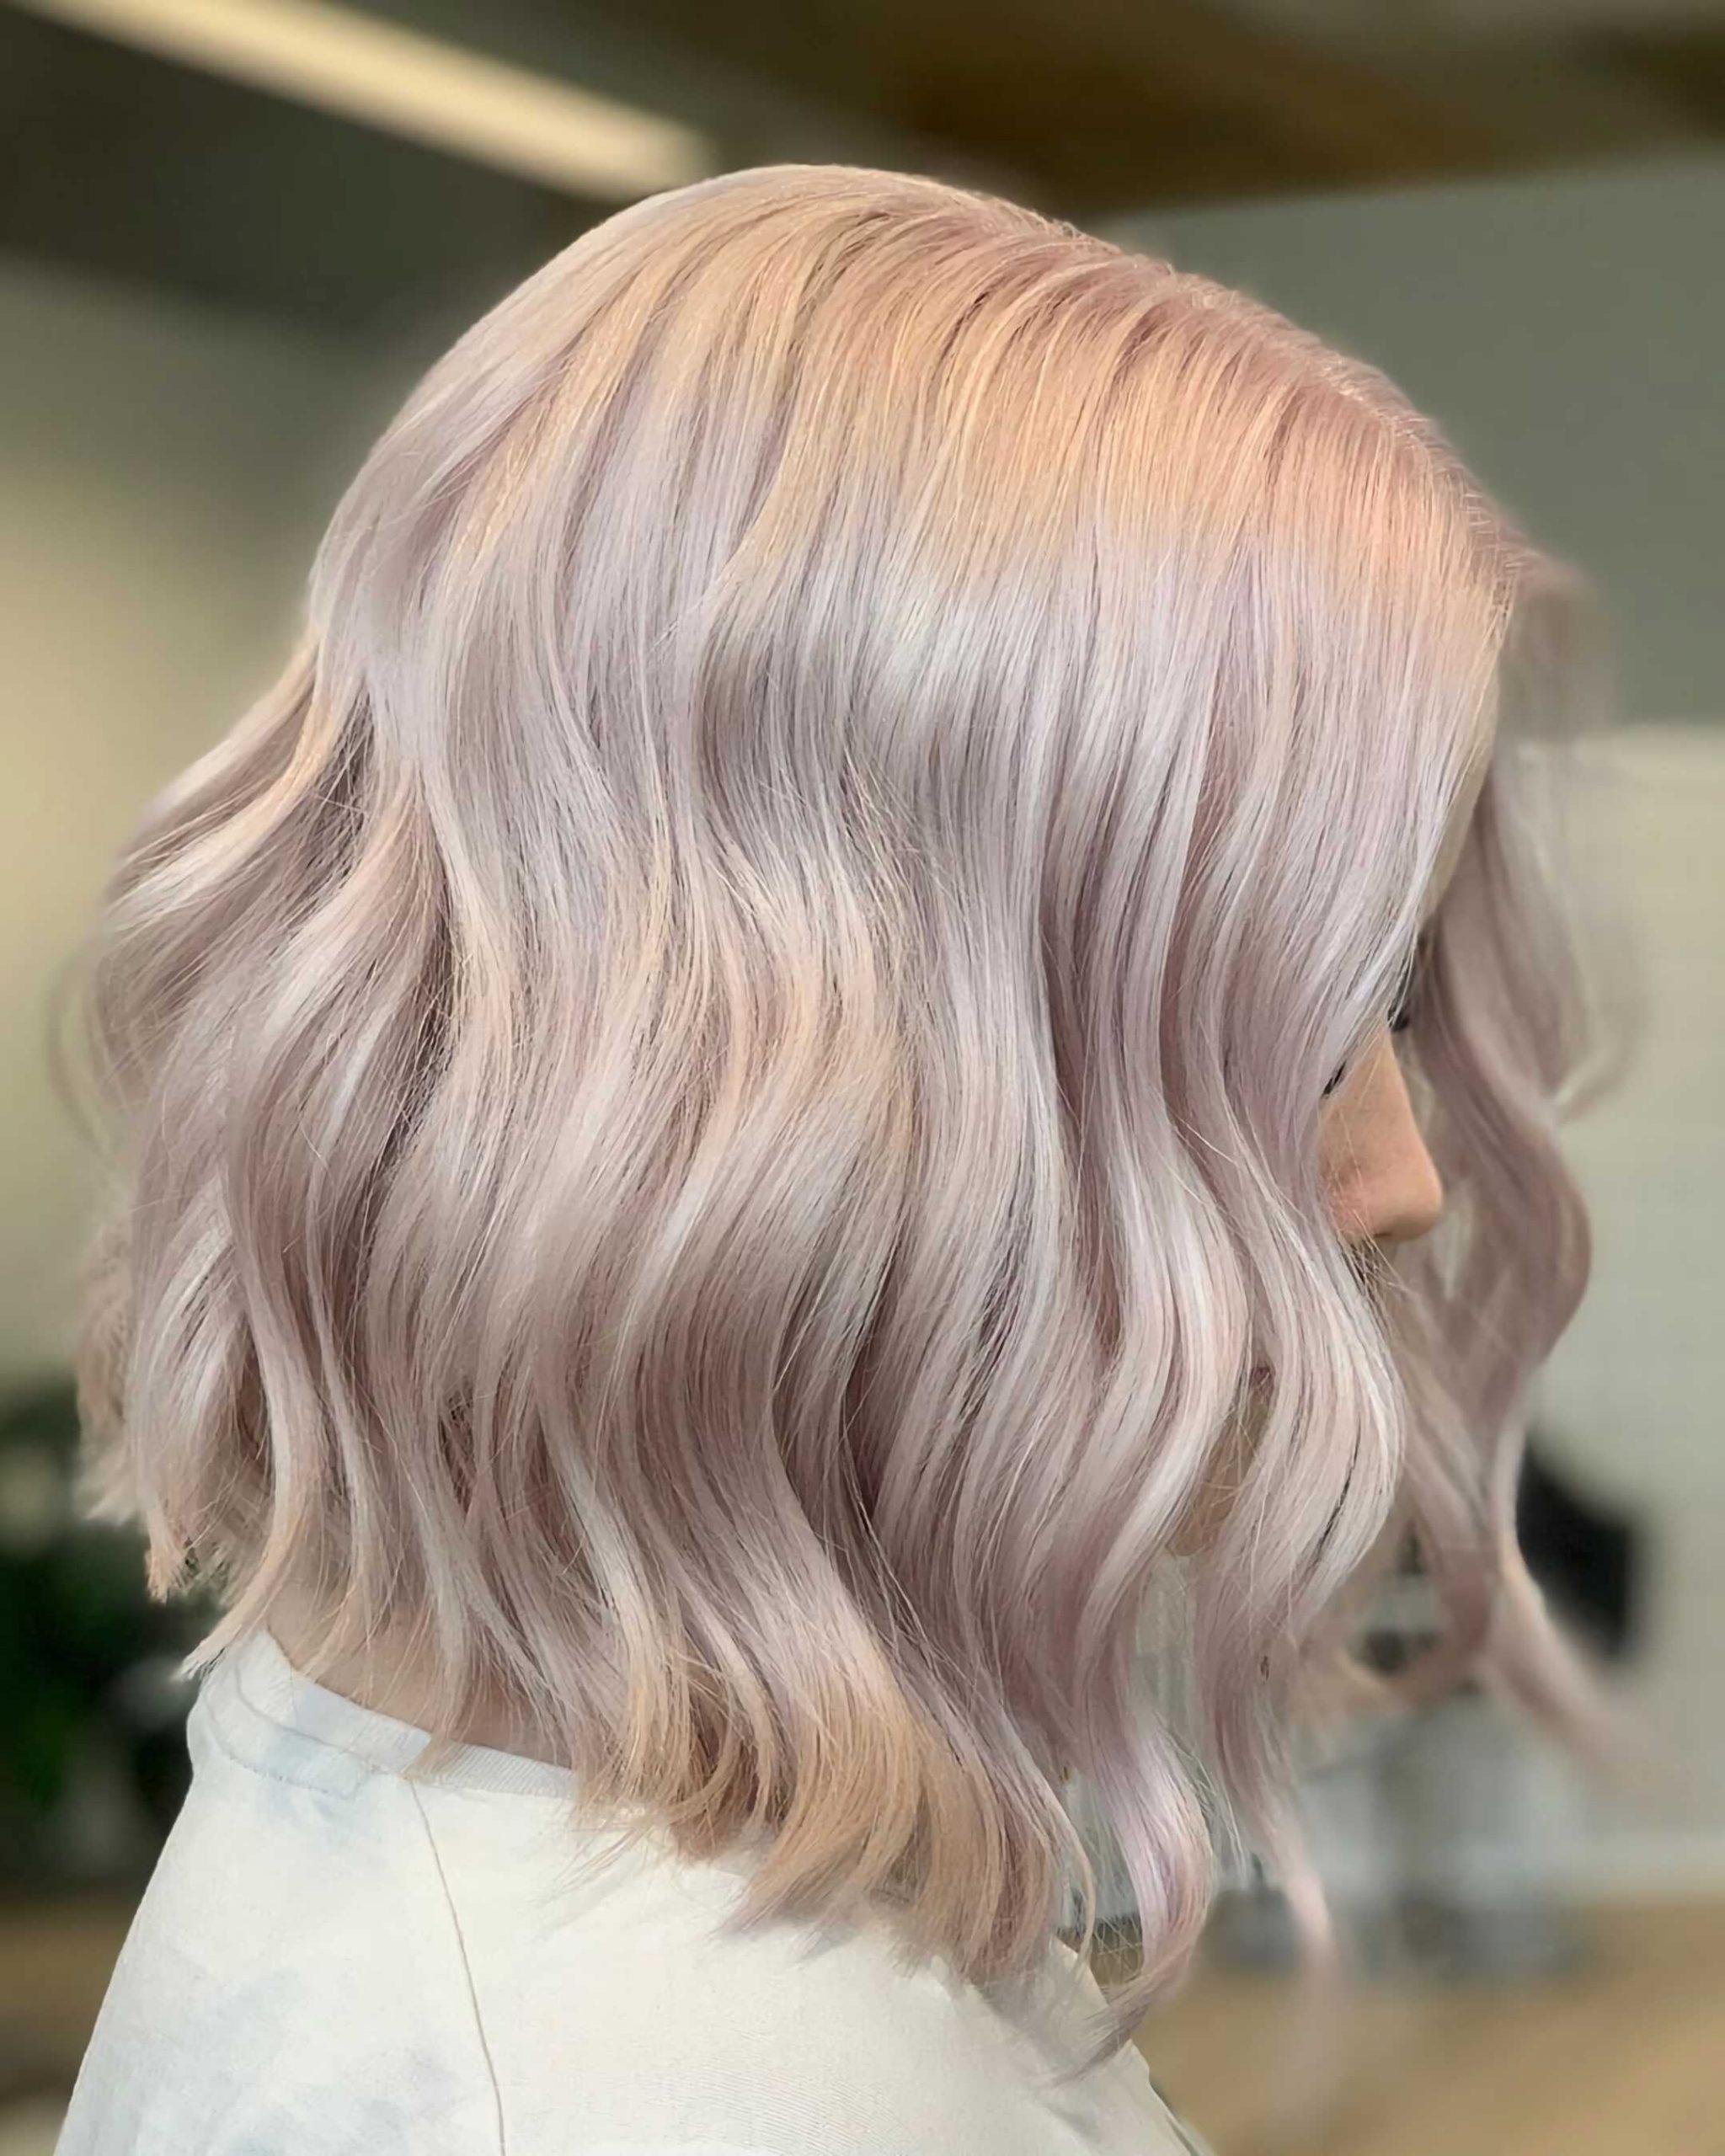 модный боб каре на средние волосы